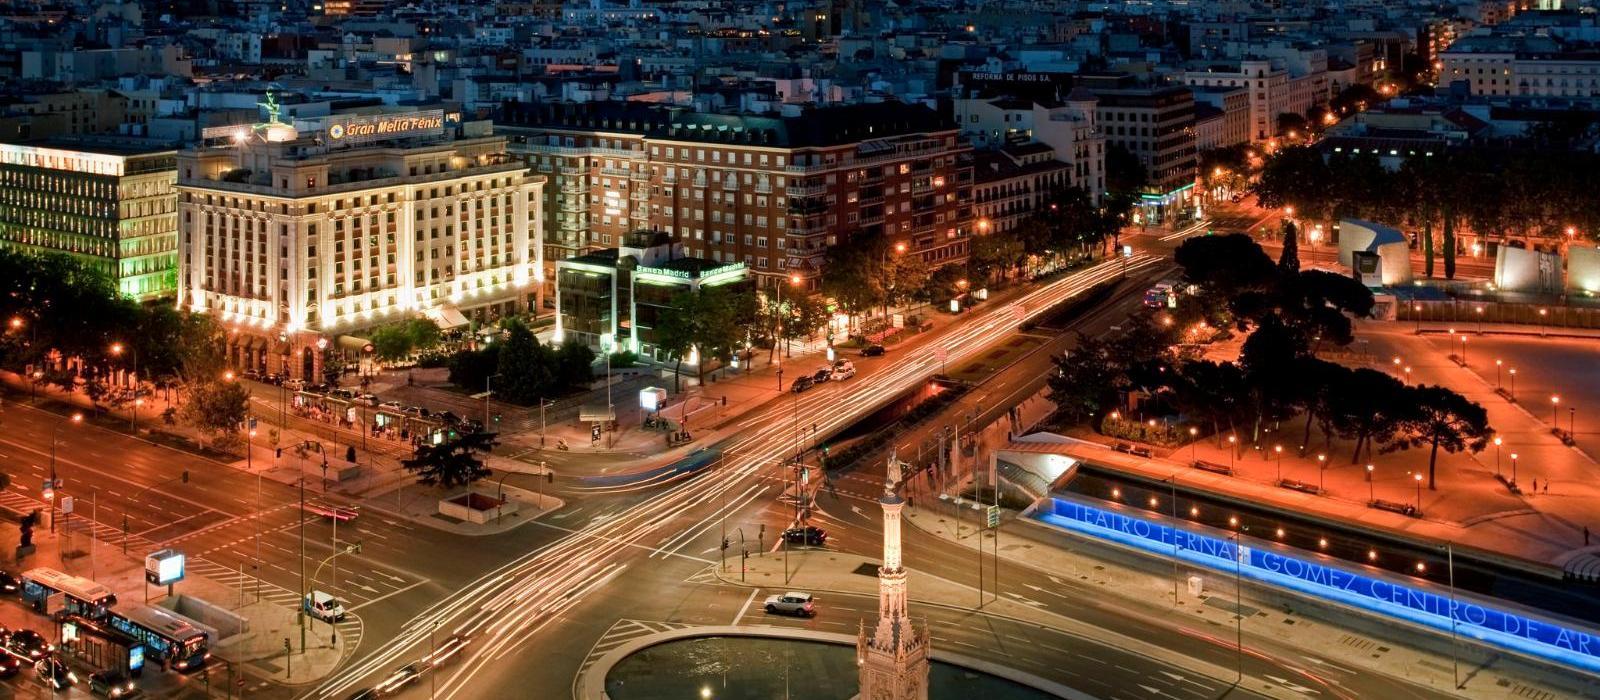 美利亚菲尼克斯大酒店(Hotel Fenix, a Gran Melia Hotel) 酒店外观图片  www.lhw.cn